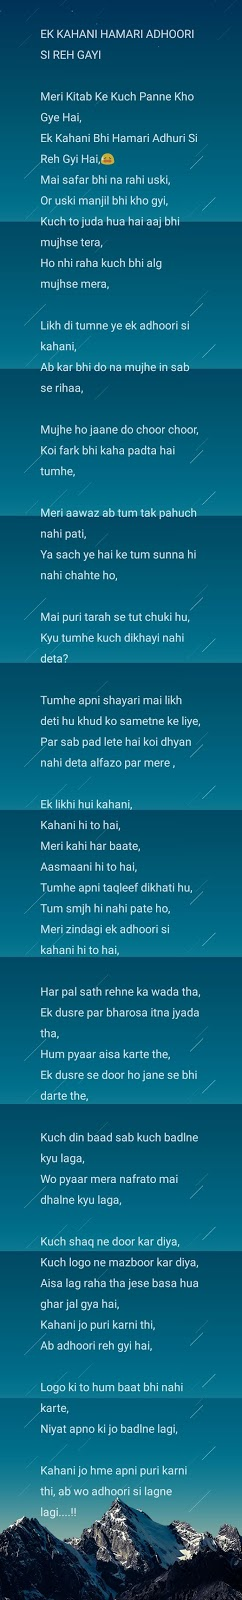 Ek Kahani Hamari Adhoori Si Reh Gayi